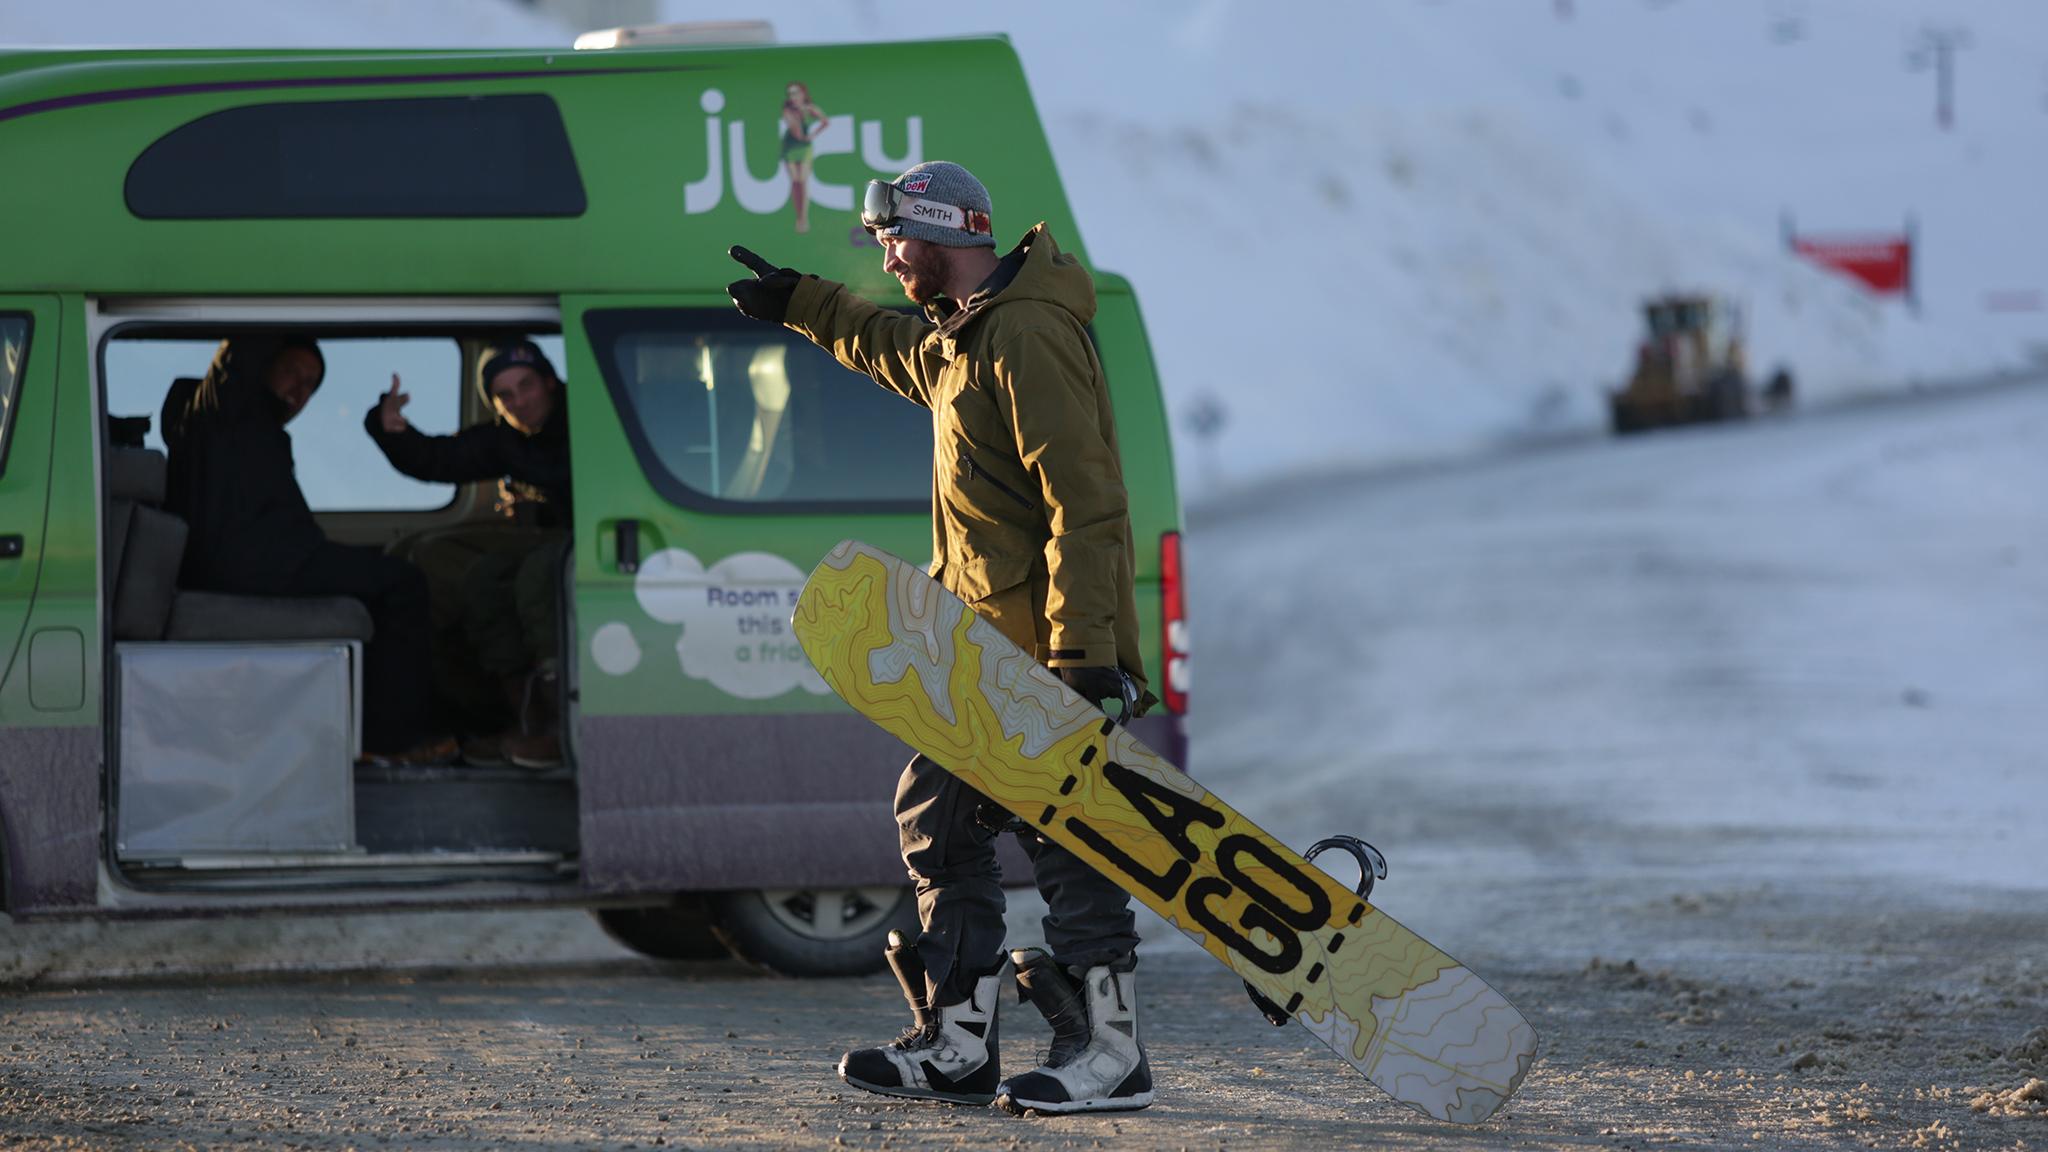 Lago Snowboards